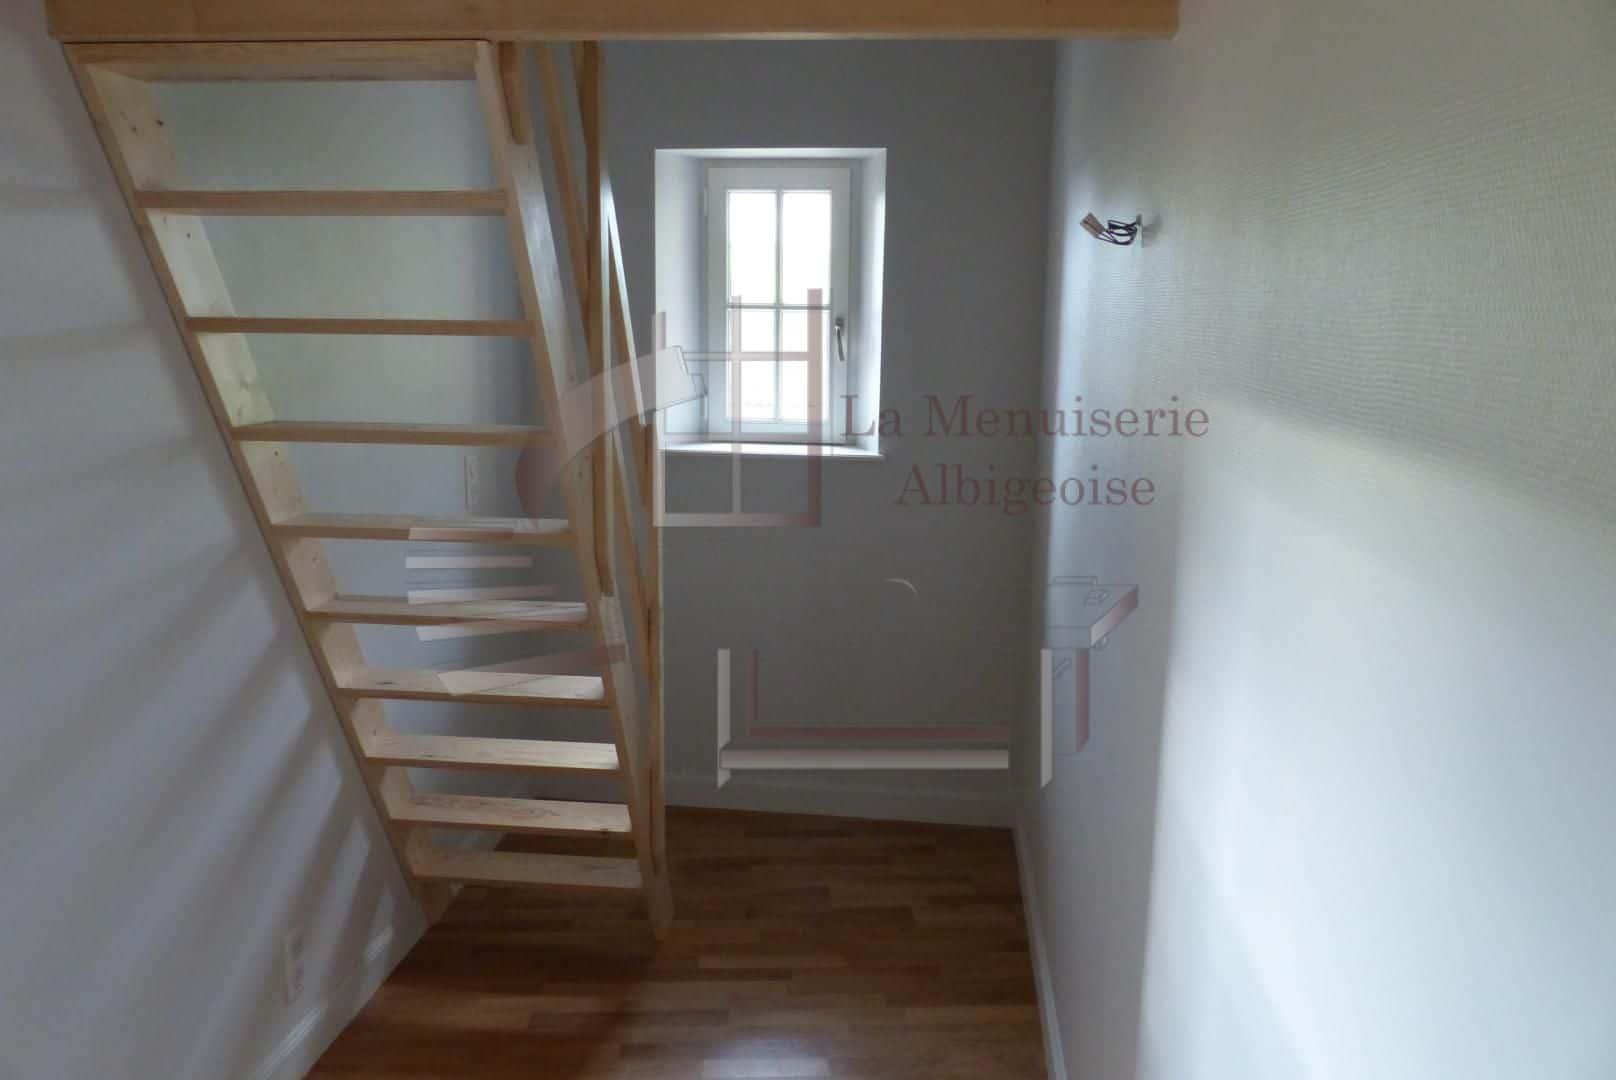 Escalier droit gain-de-place